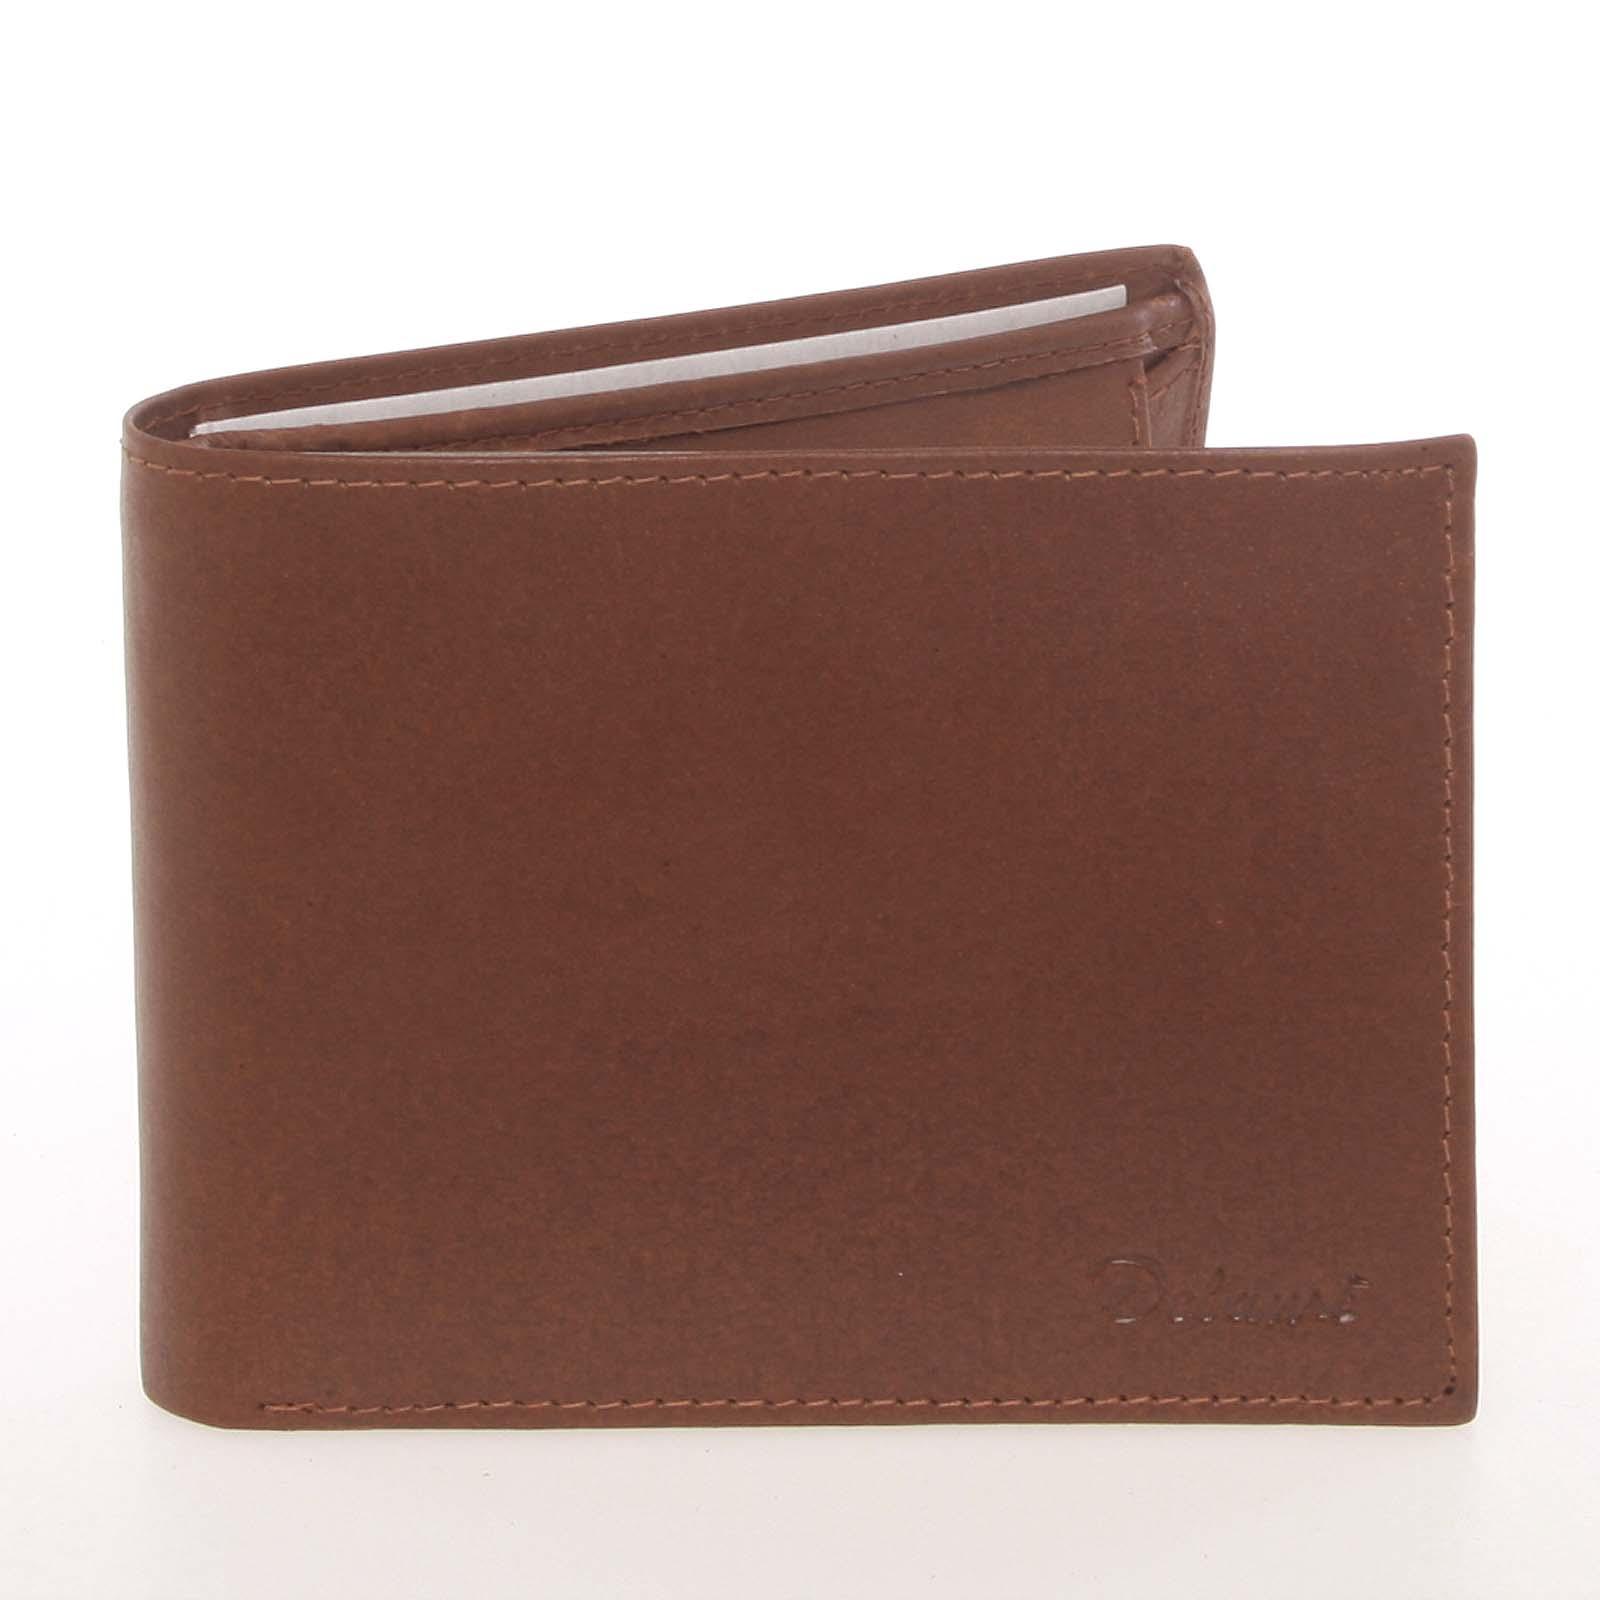 Pánská kožená koňaková peněženka - Delami Colbey koňak